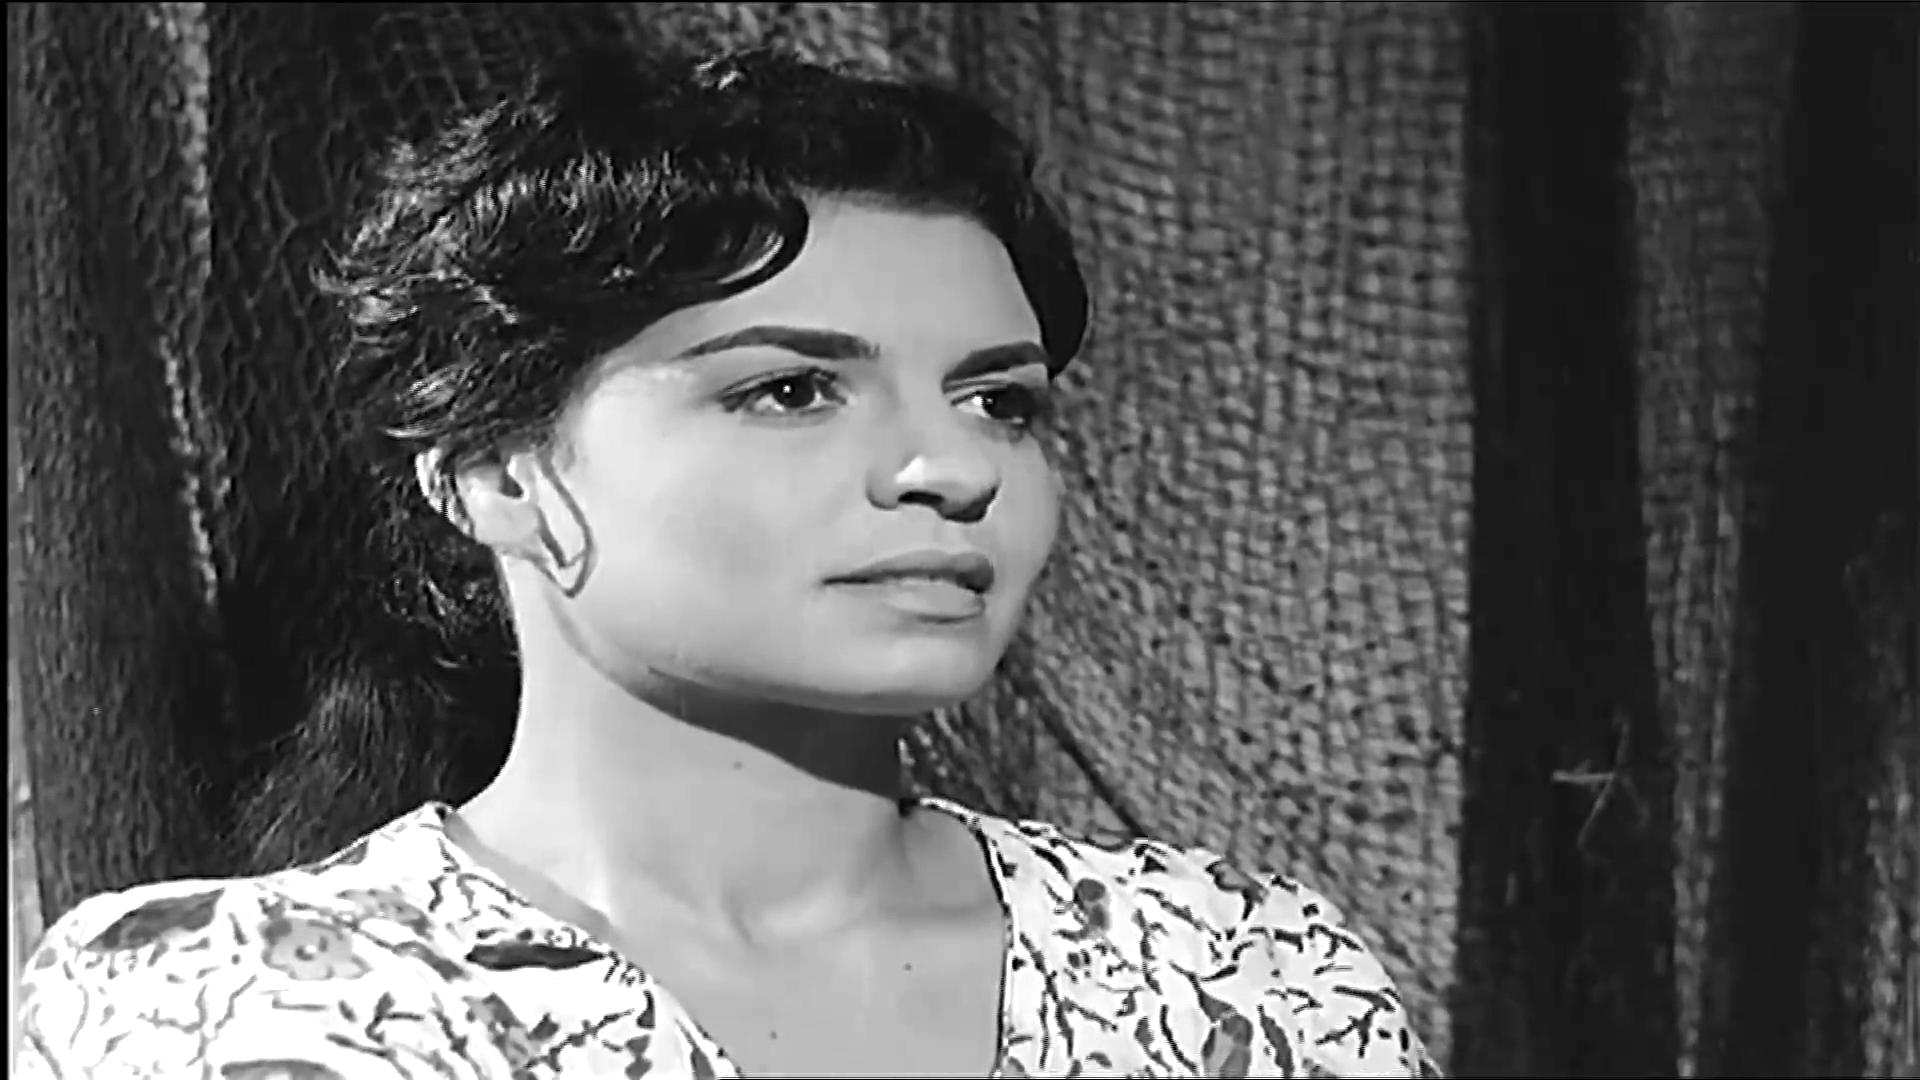 [فيلم][تورنت][تحميل][رجل في حياتي][1961][1080p][Web-DL] 4 arabp2p.com